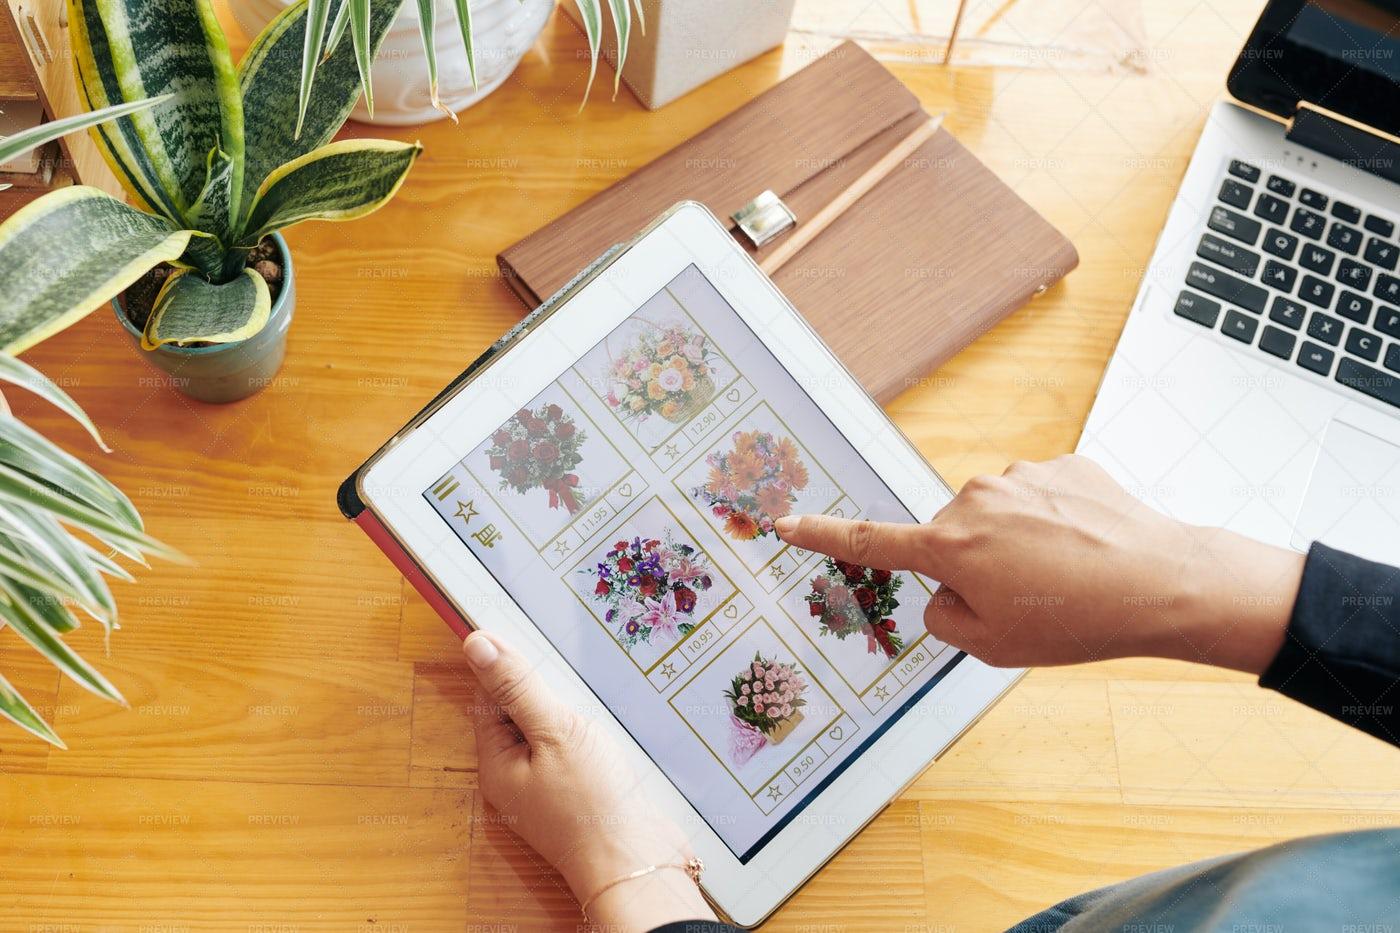 Woman Choosing Bouquet Online: Stock Photos